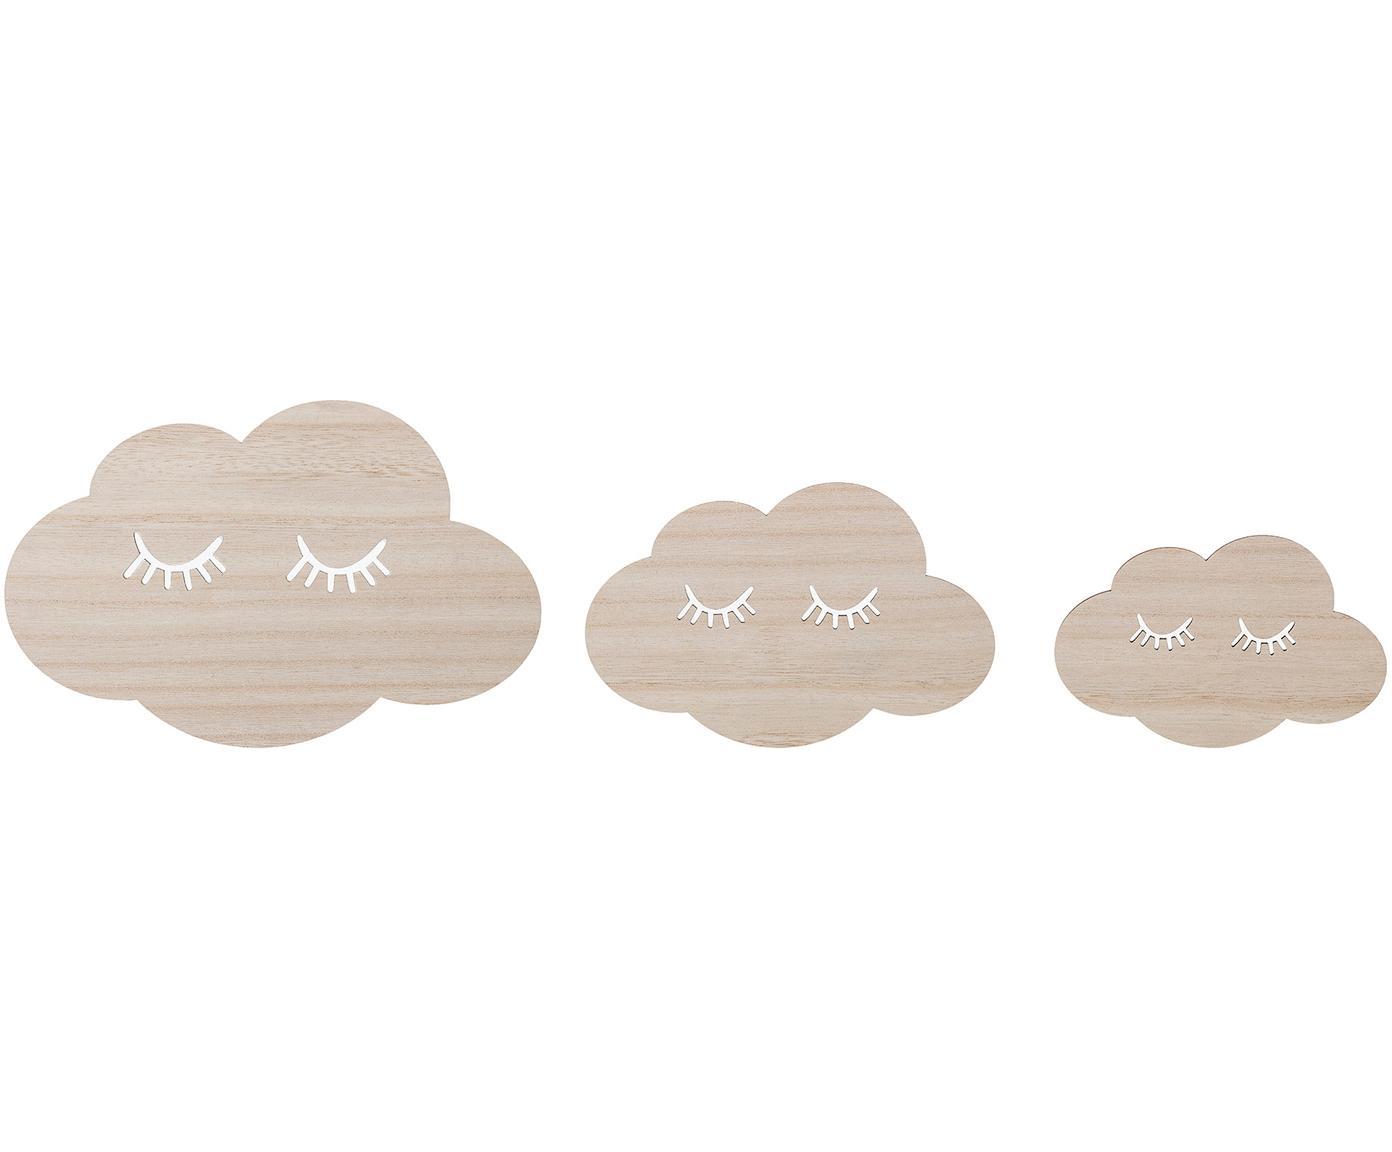 Set de decoraciones de pared Clouds, 3pzas., Madera contrachapada, Beige, Tamaños diferentes